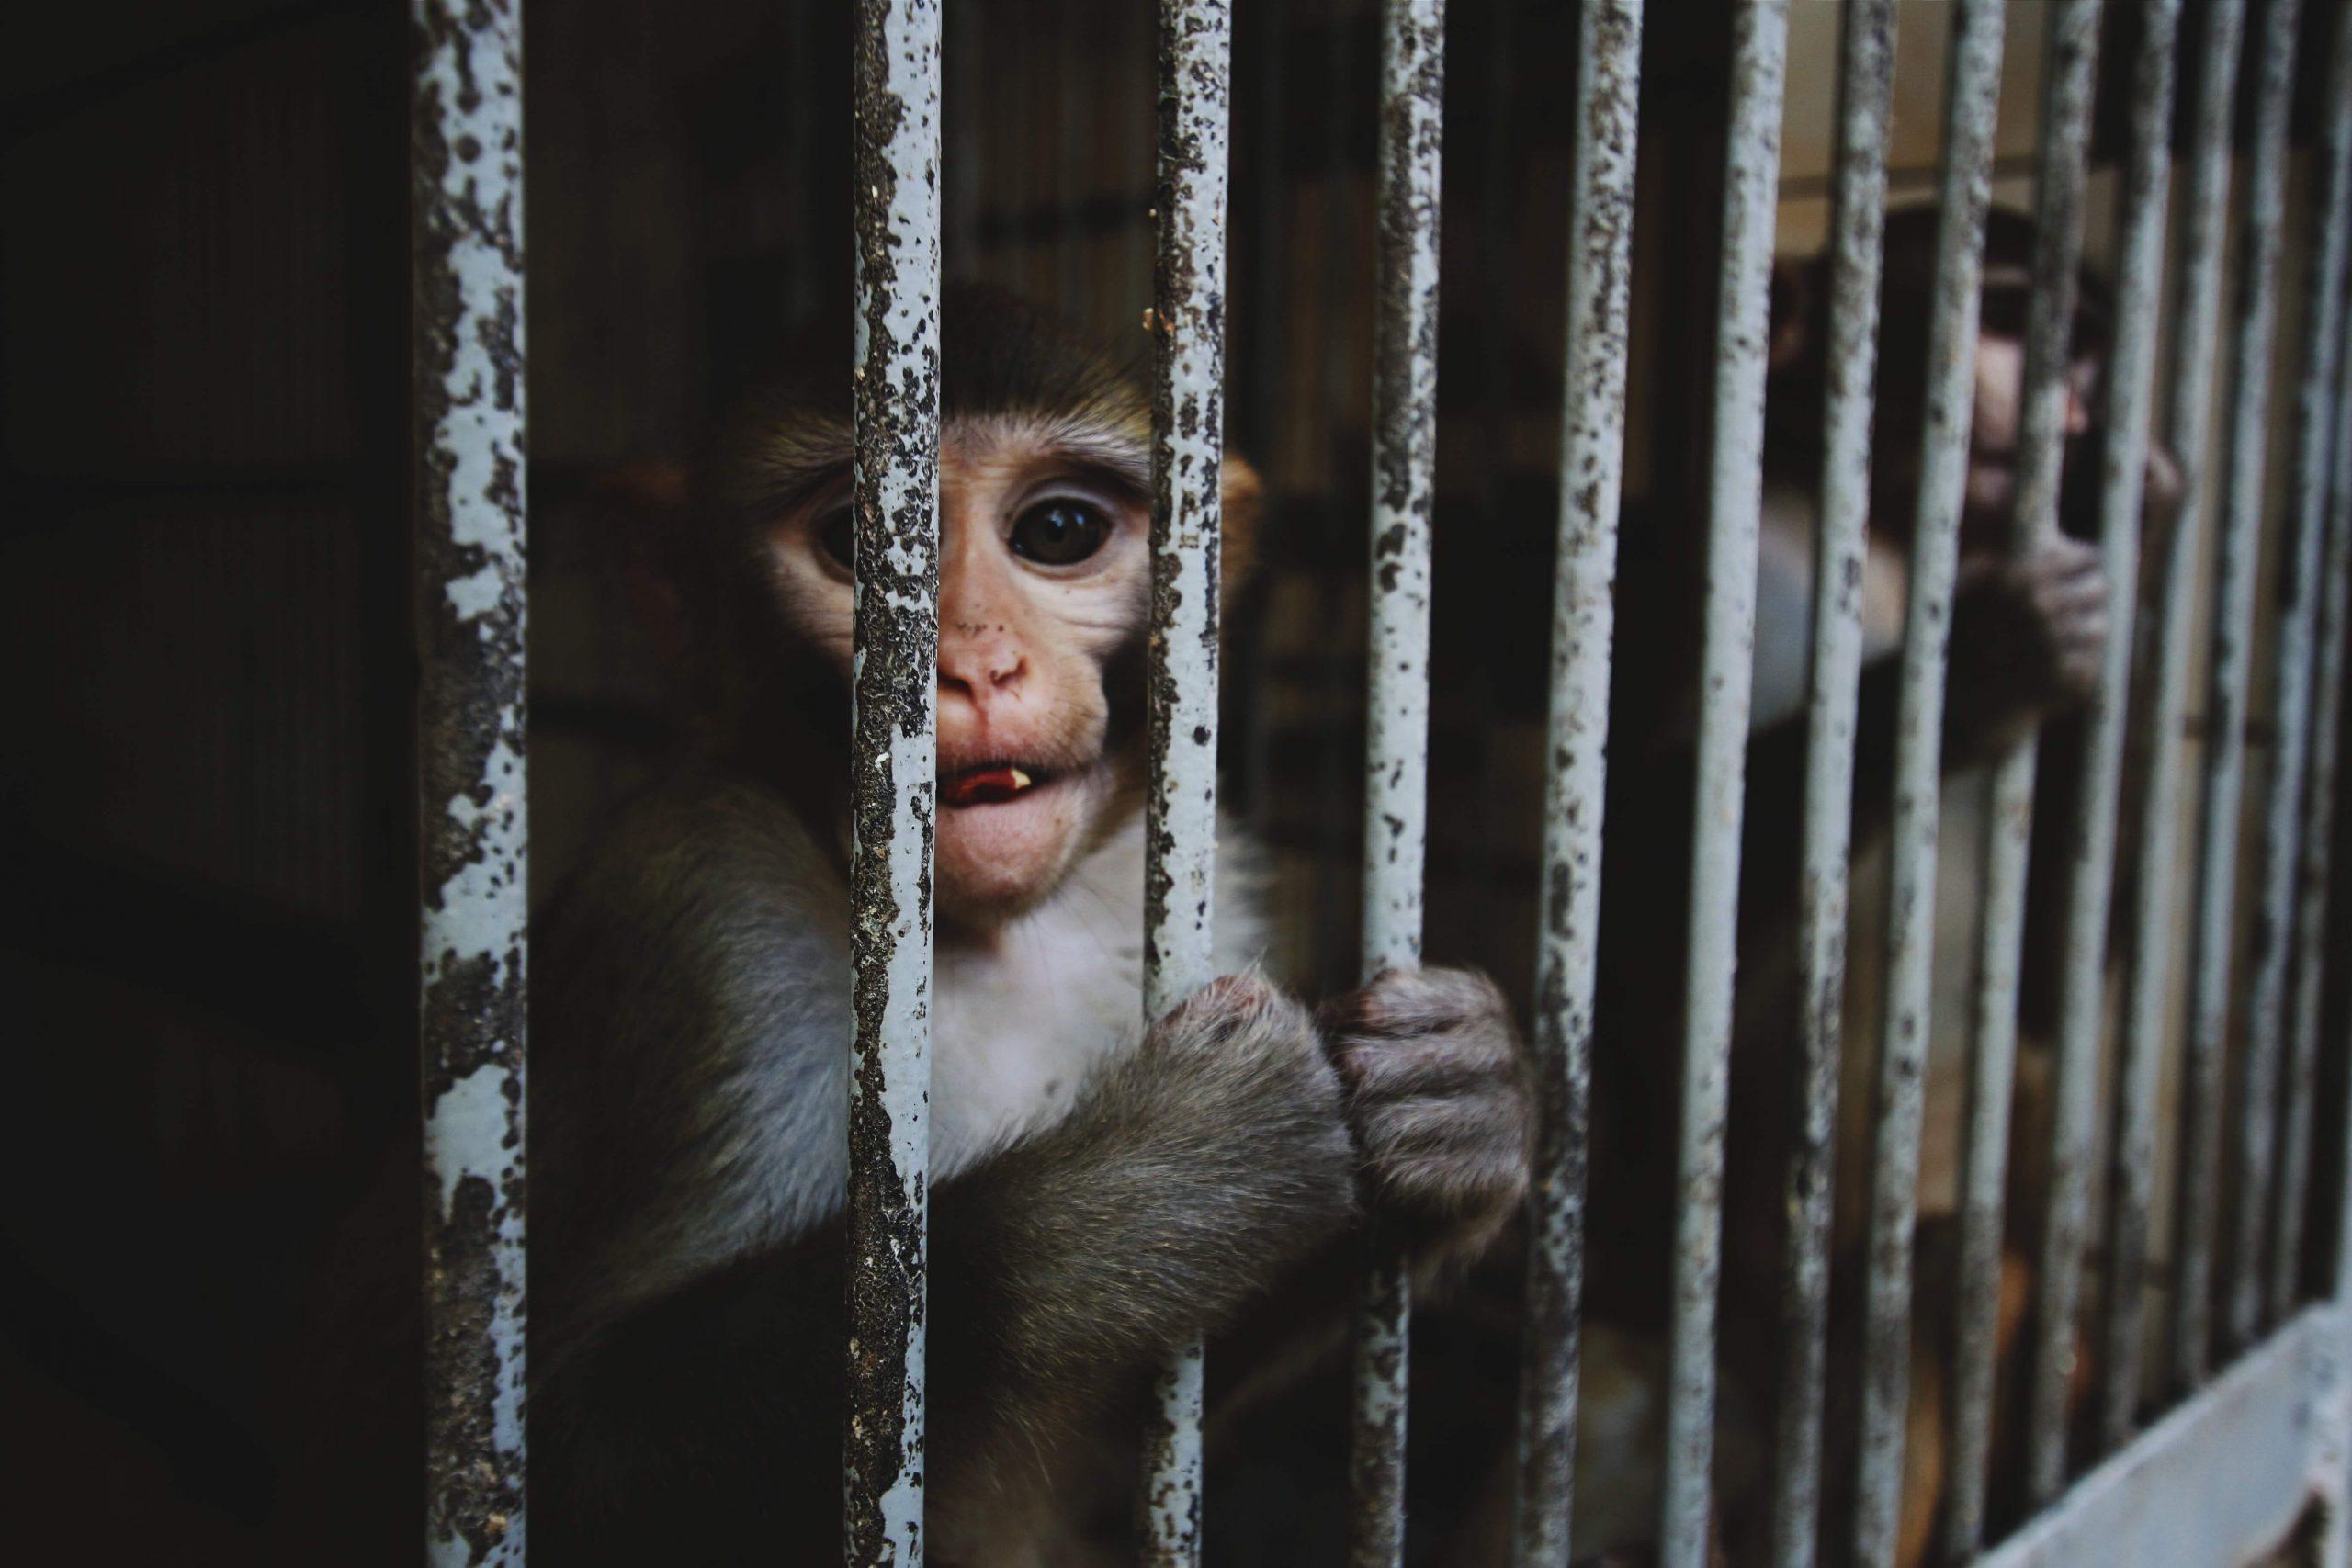 Aper fanget i bur, står med fortvilende blikk og holder på gitteret